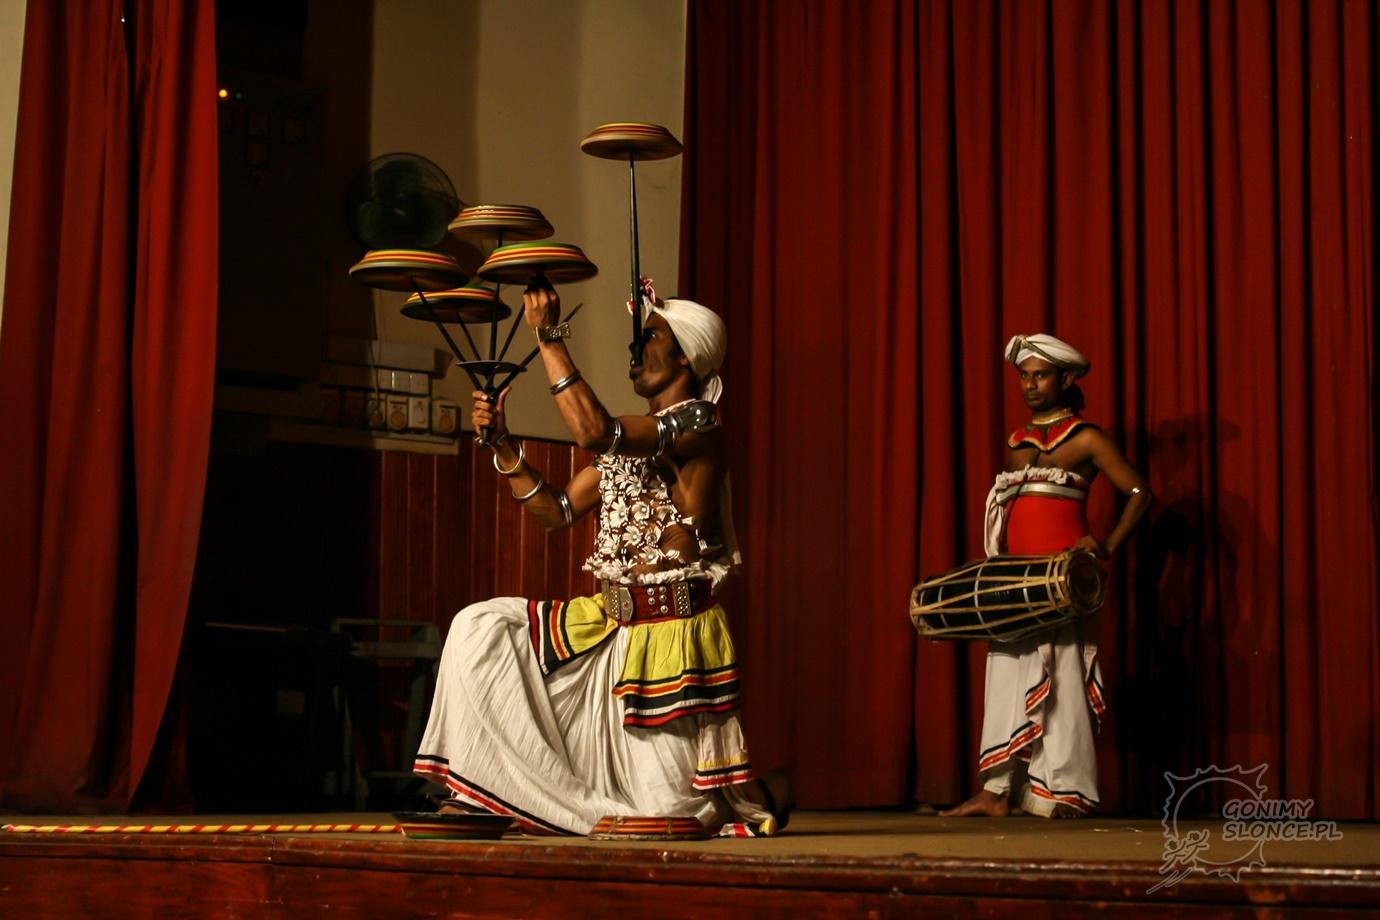 Sztuczki i akrobacje w tradycji Sri Lanki